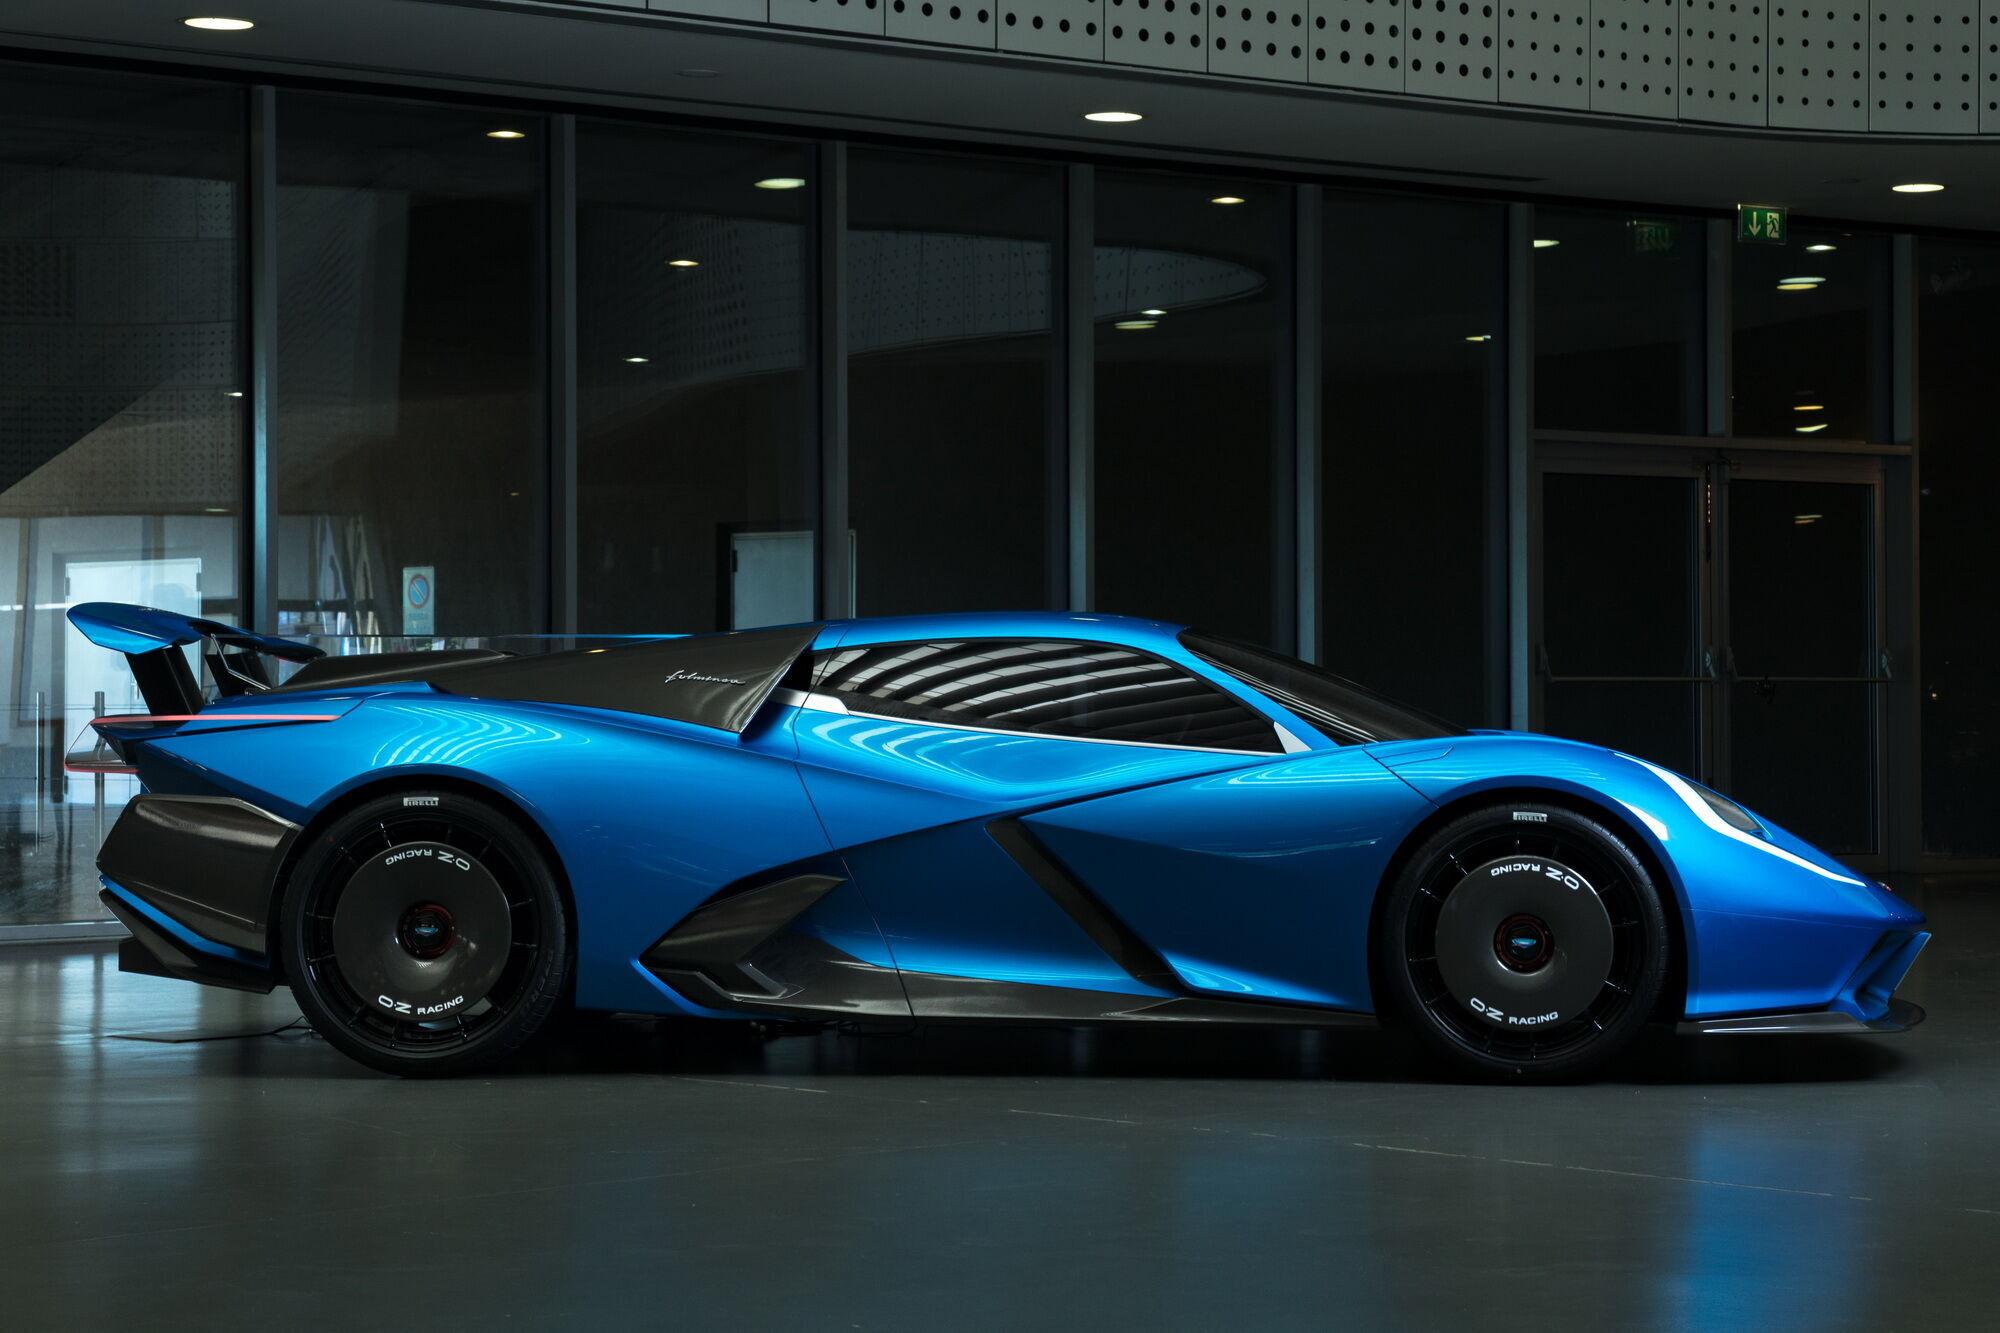 Автомобіль отримає інноваційну твердотільну літій-іонну батарею